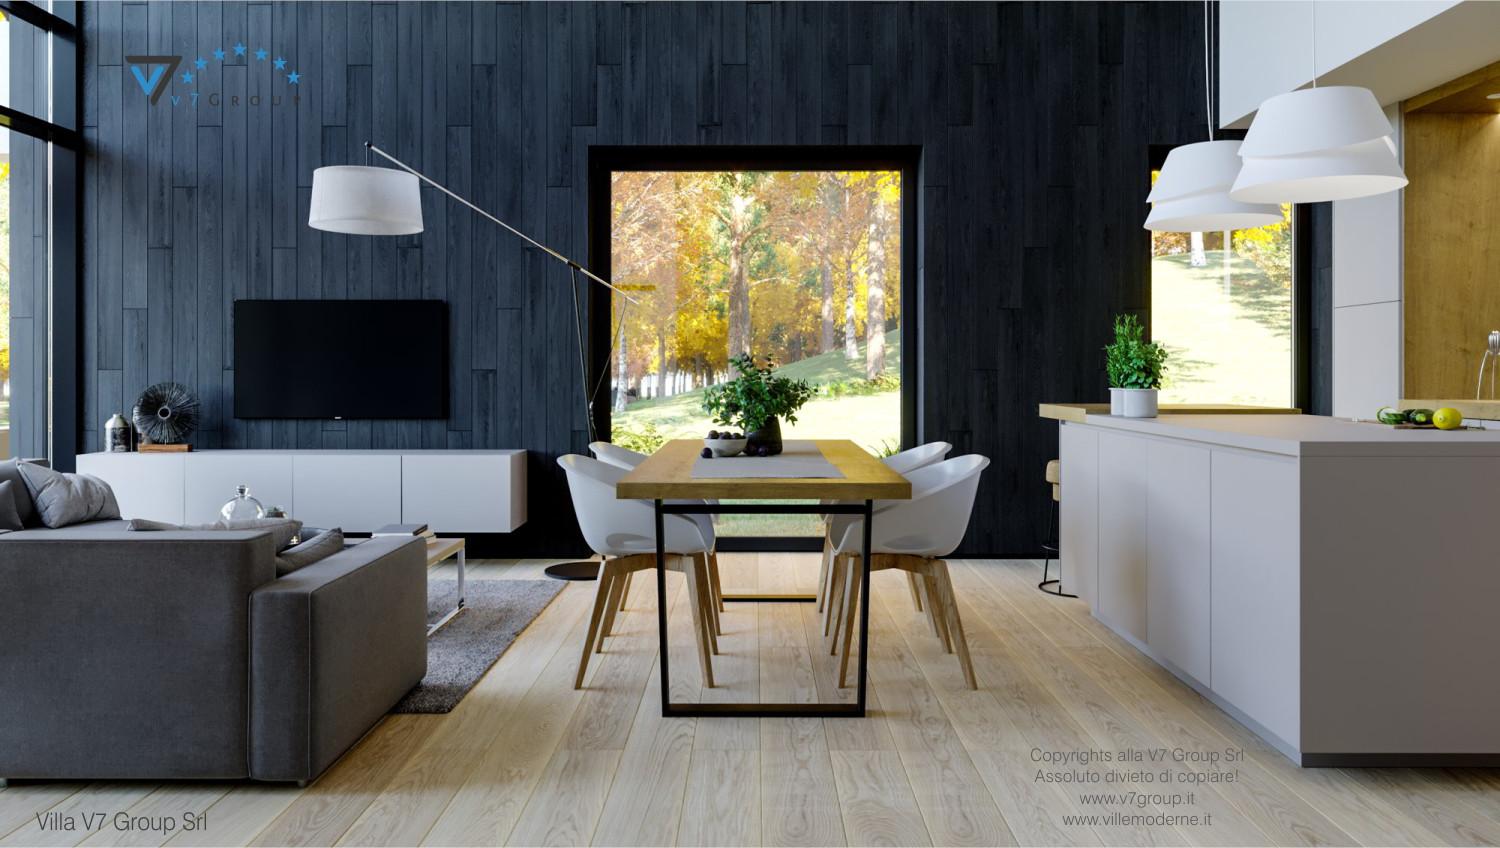 Immagine Villa V67 - interno 1 - sala da pranzo grande